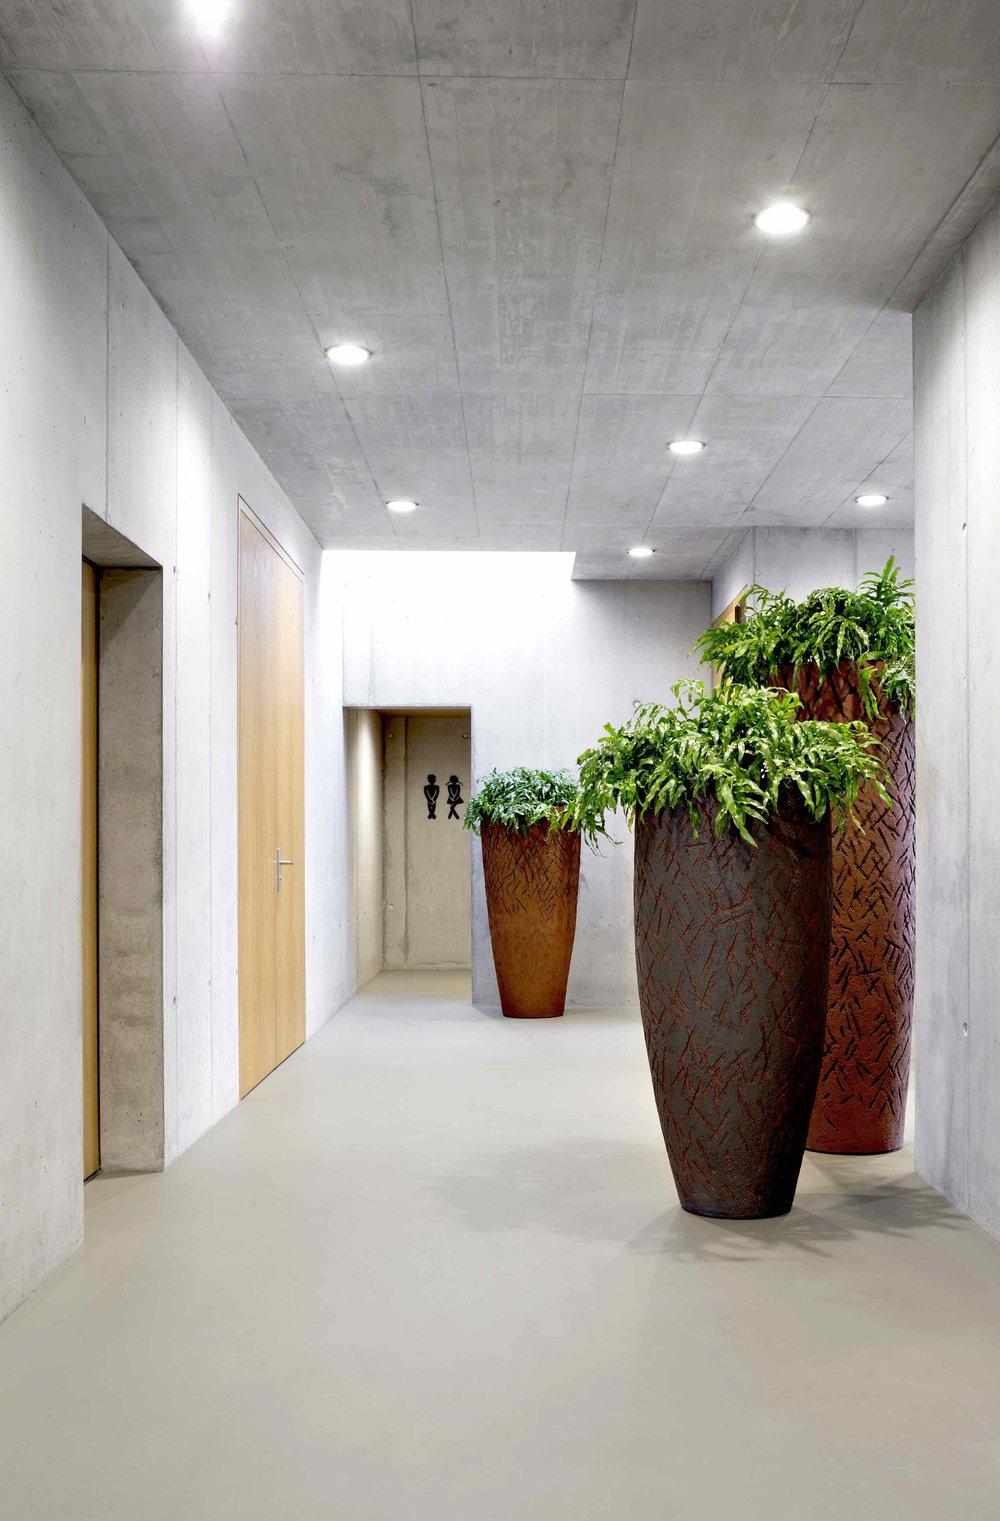 Bürobegrünung Blumeria2.jpg